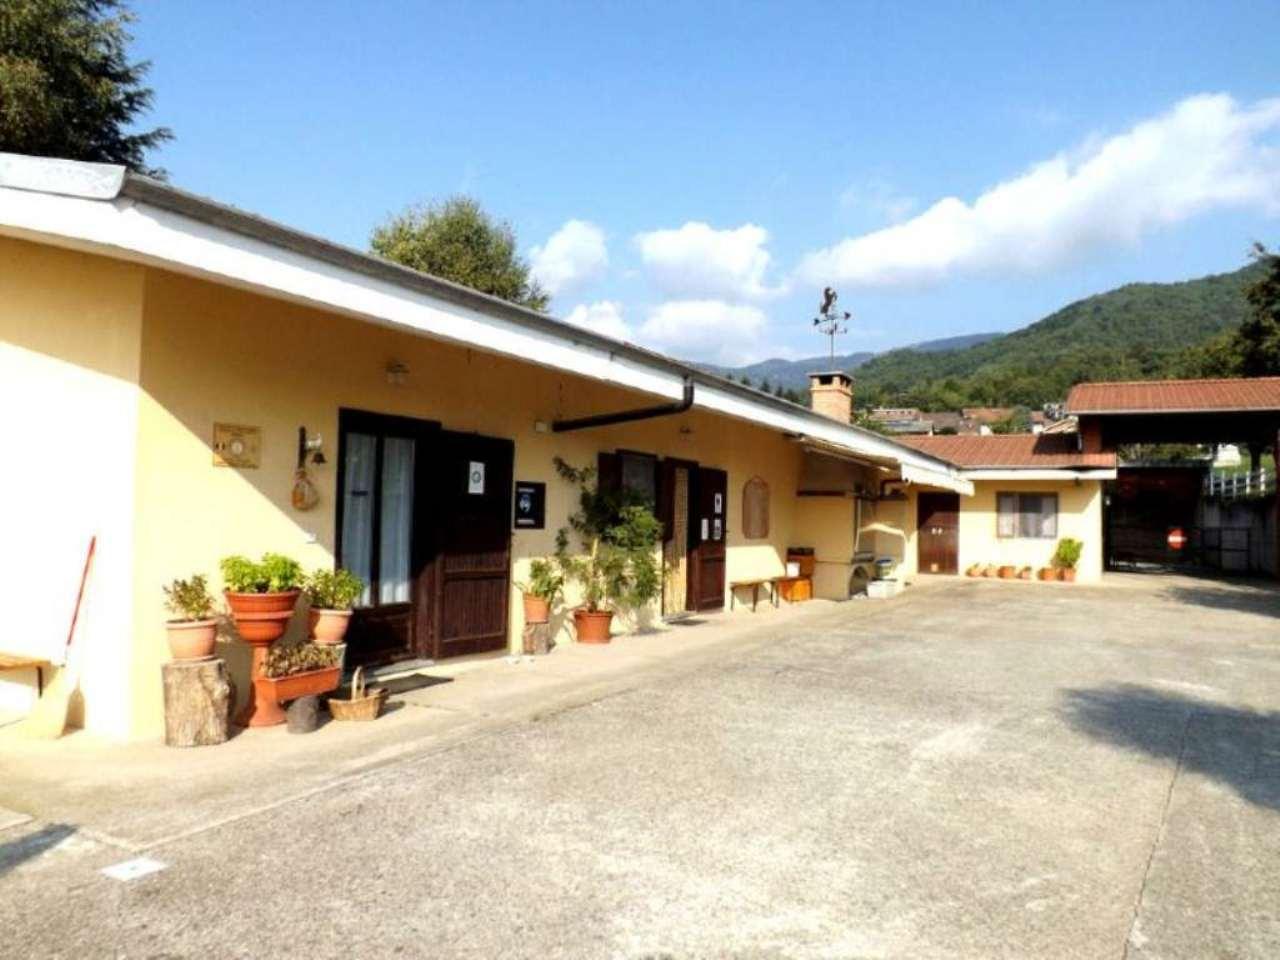 Agriturismo in vendita a Giaveno, 6 locali, prezzo € 420.000 | Cambio Casa.it